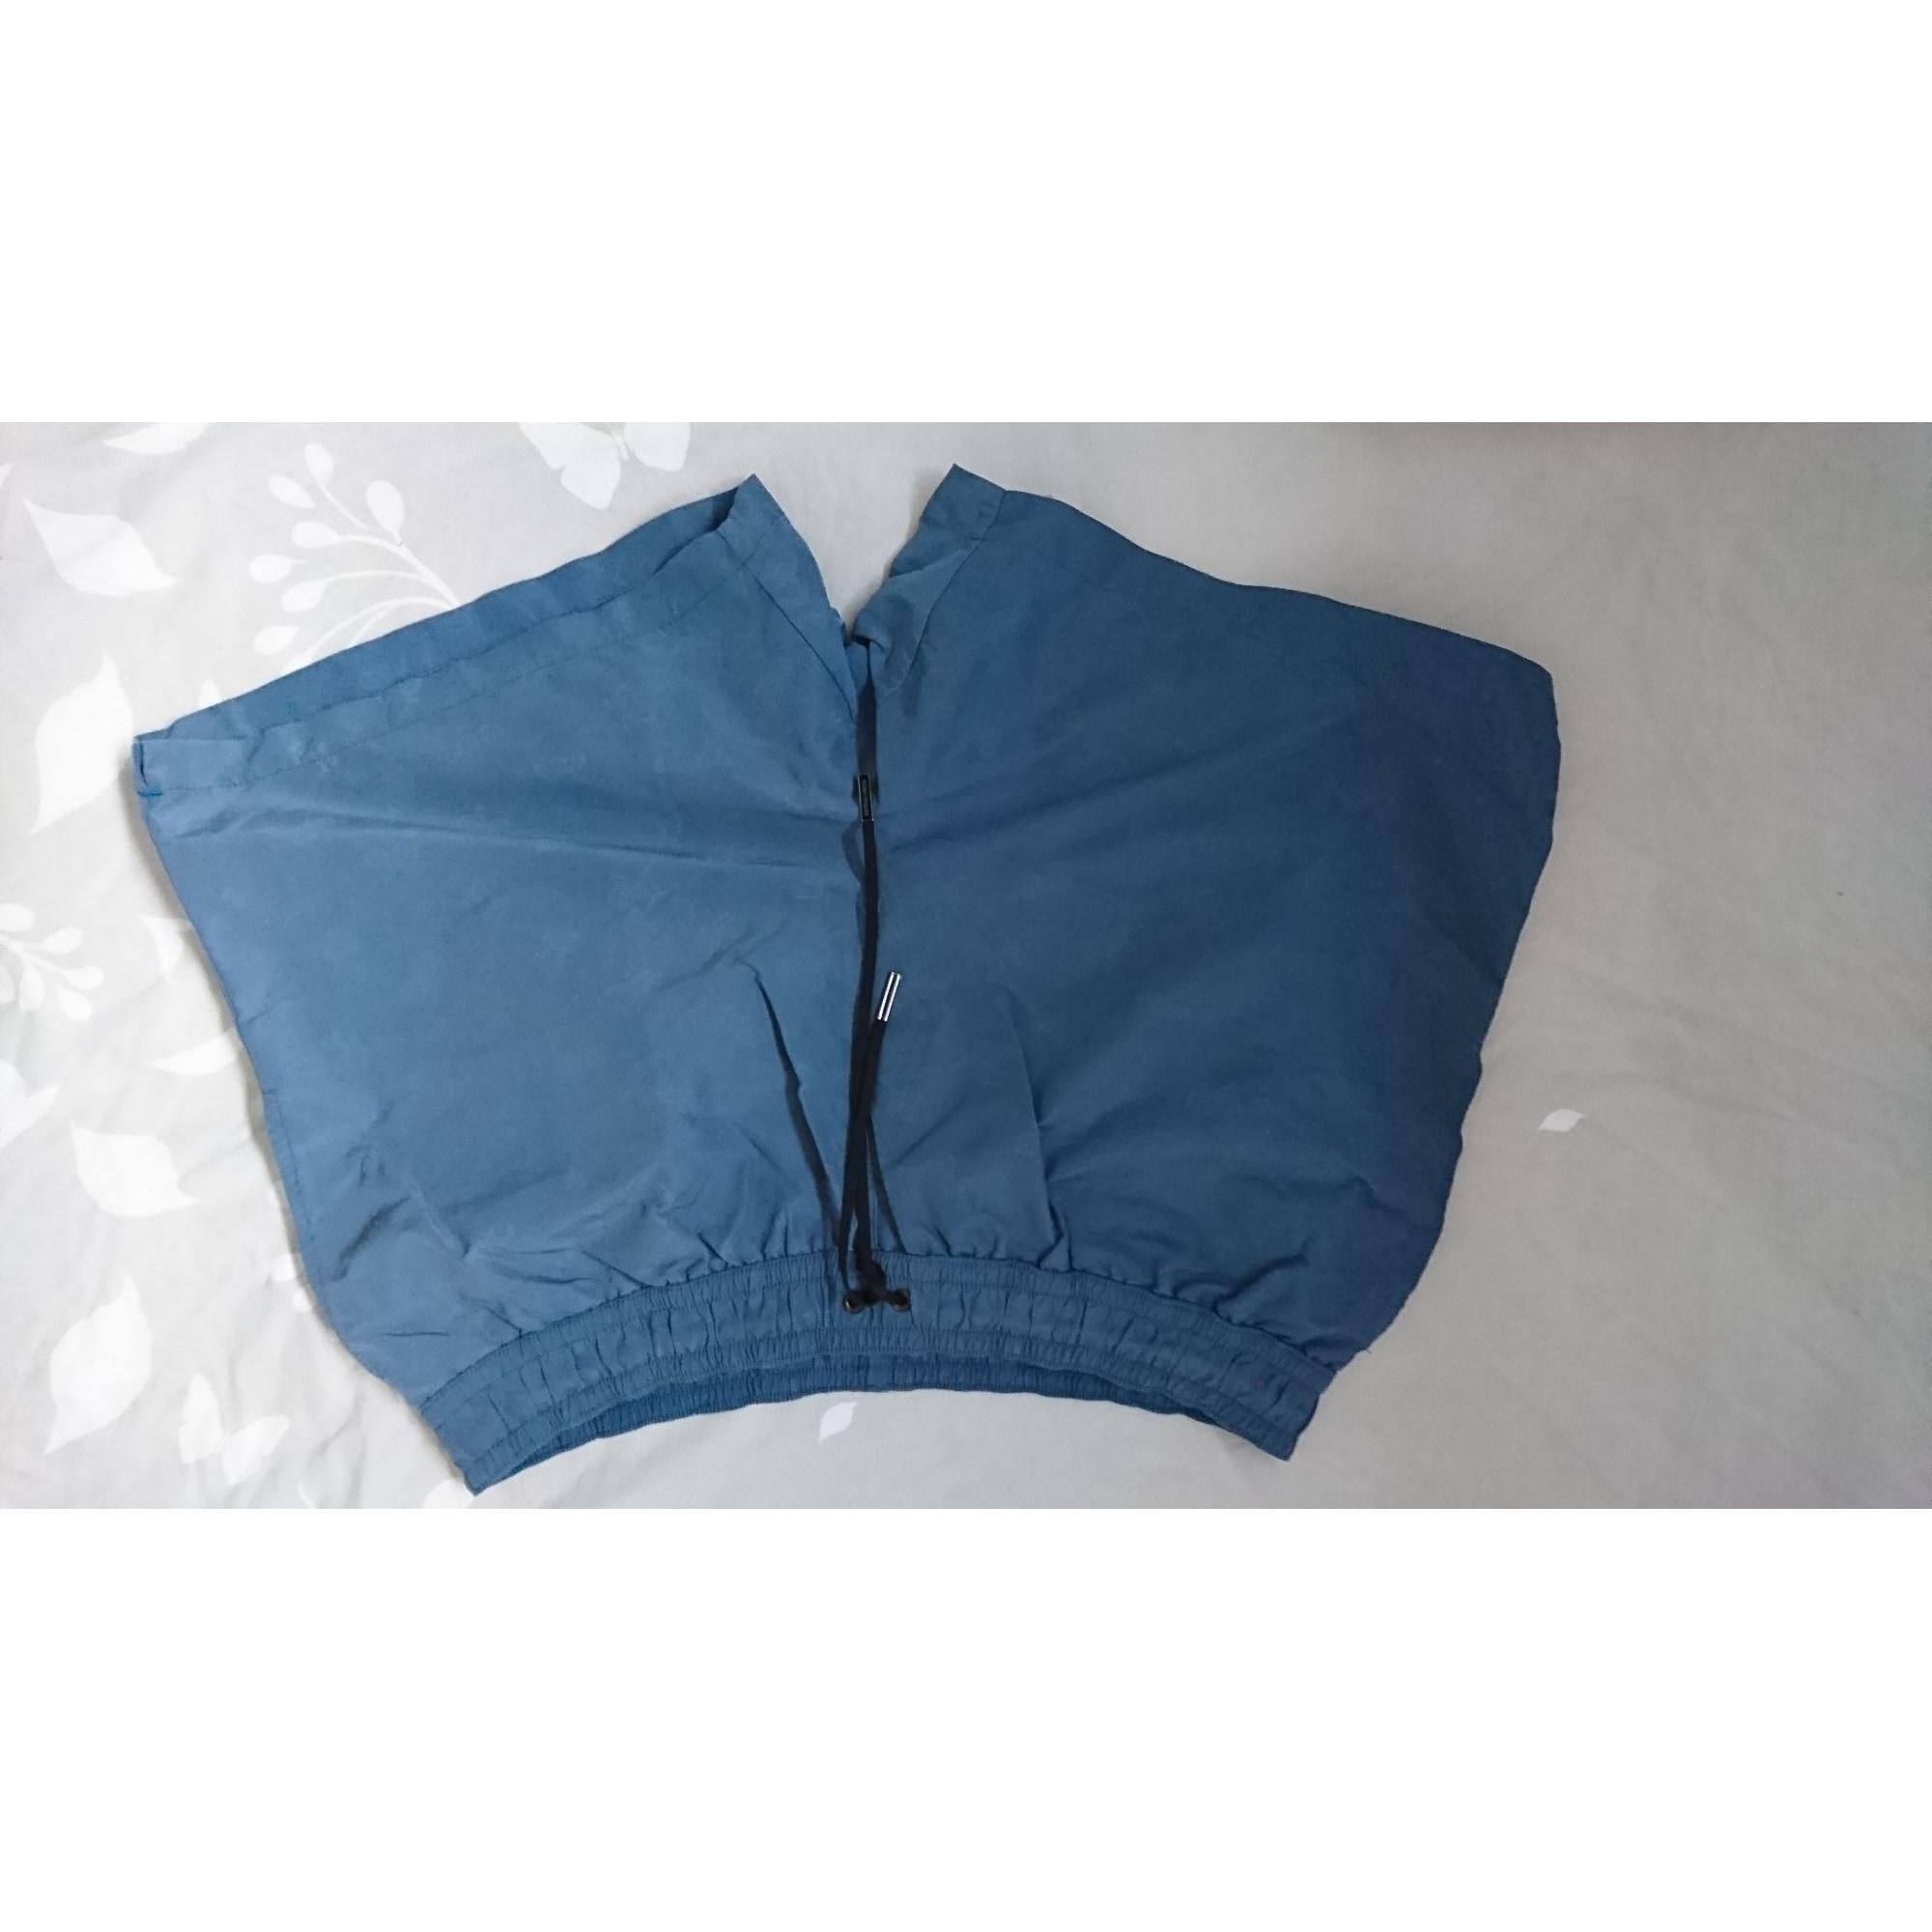 Calzoncino da bagno BOTTEGA VENETA Blu, blu navy, turchese